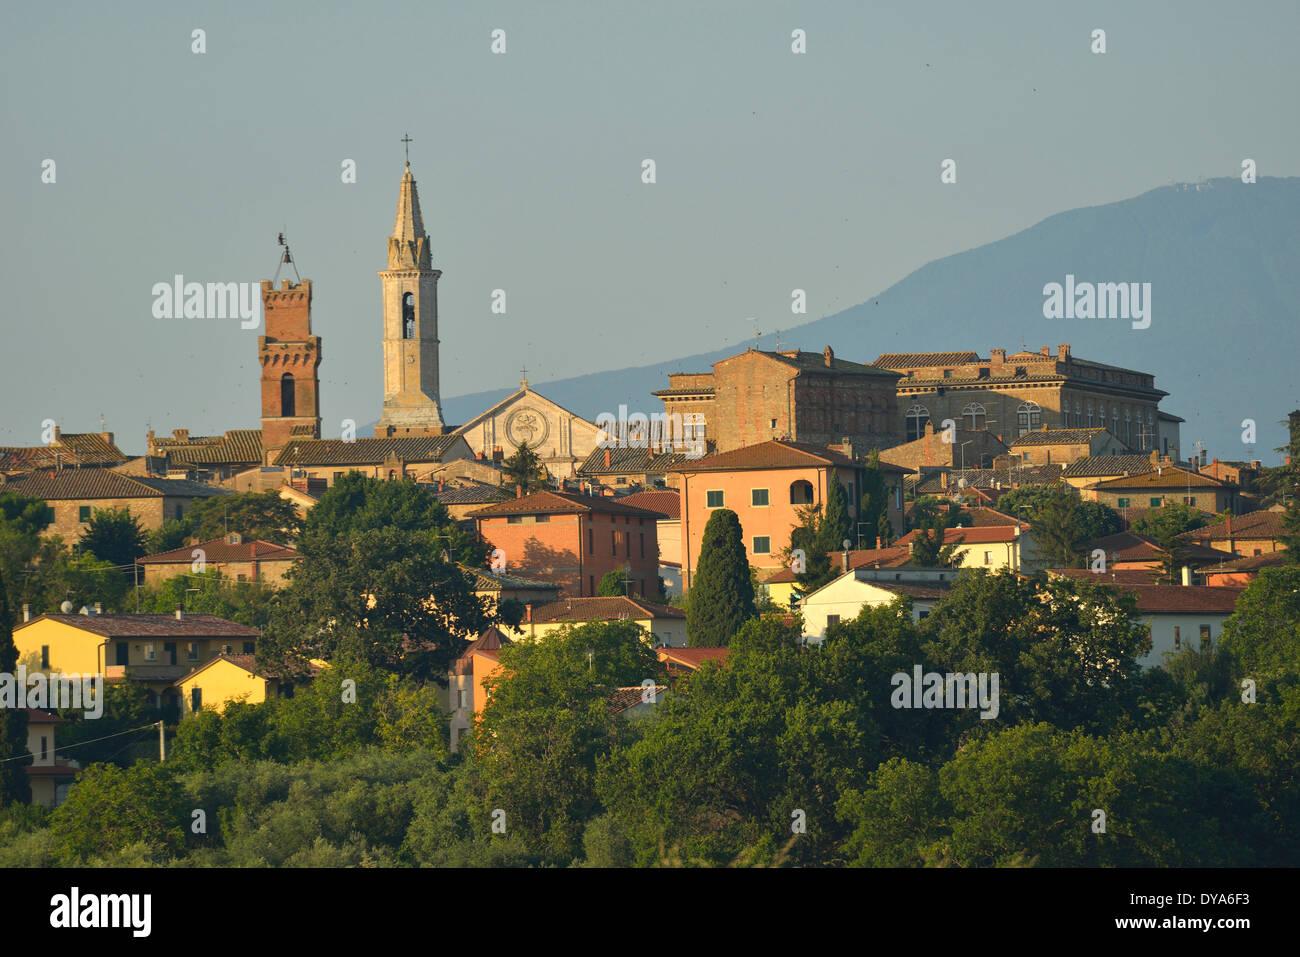 Méditerranée Europe Italie Toscane Sienne Italie Province Pienza village ville colline minaret en stuc spire dernière lumière sunse Photo Stock